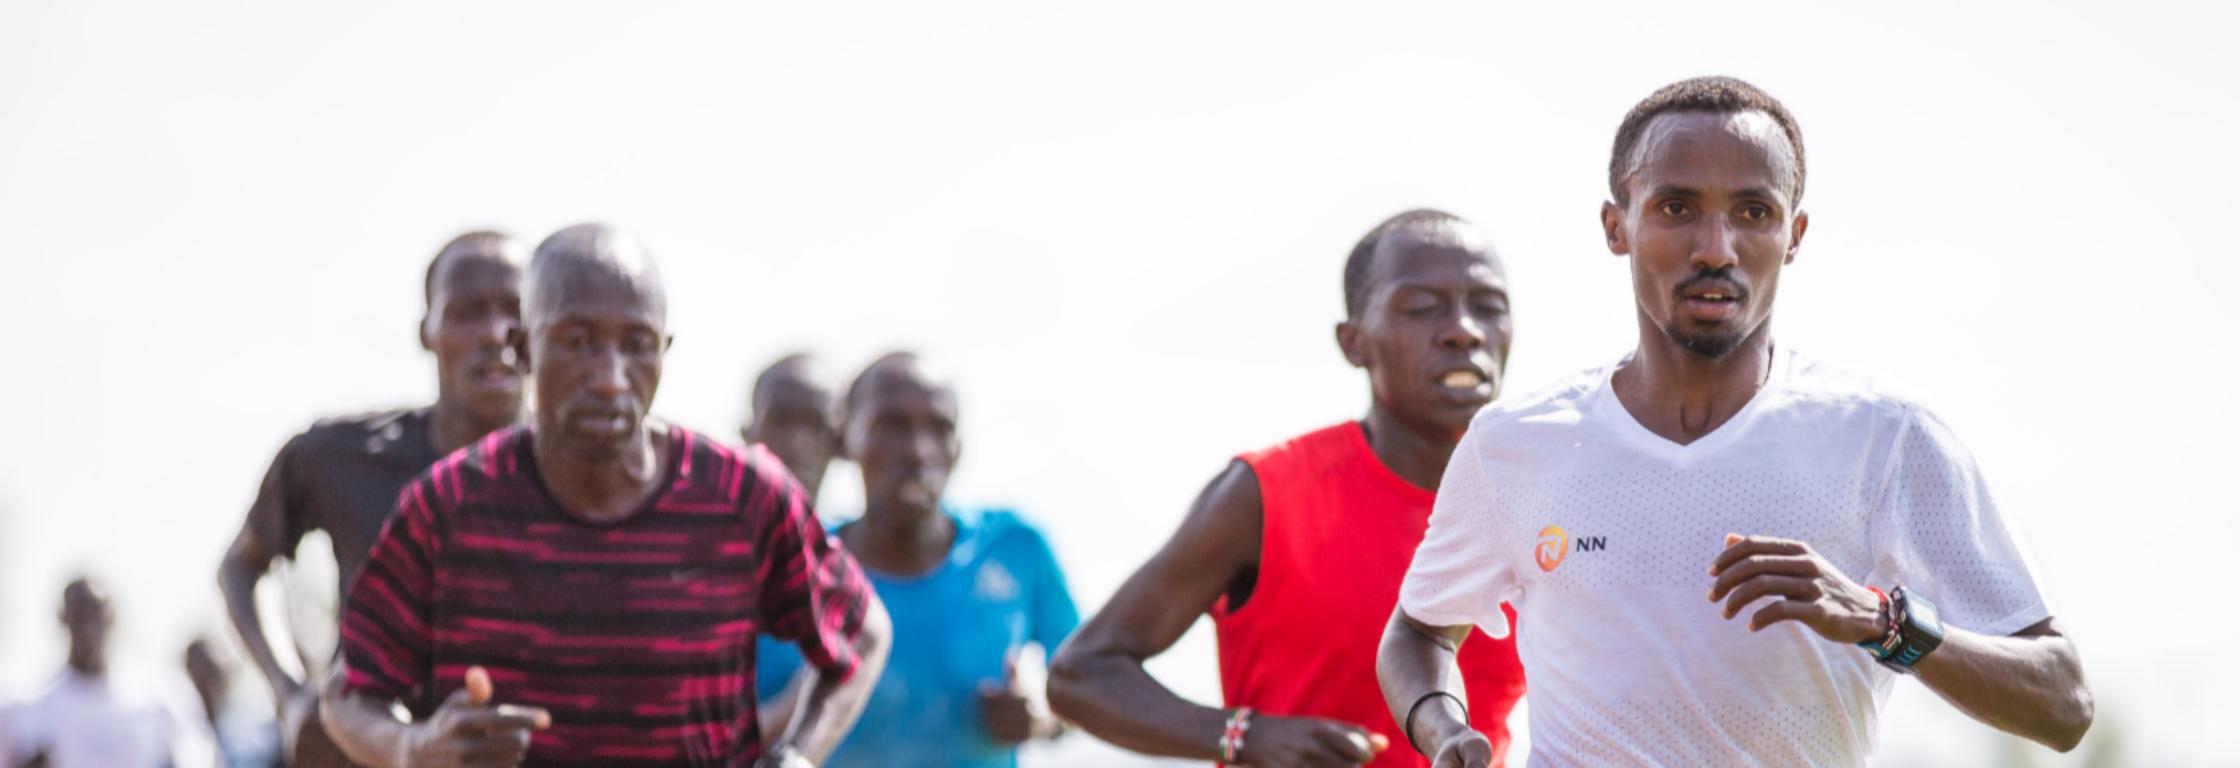 Van Abdi, voor alle hardlopers in Nederland: teamgenoten